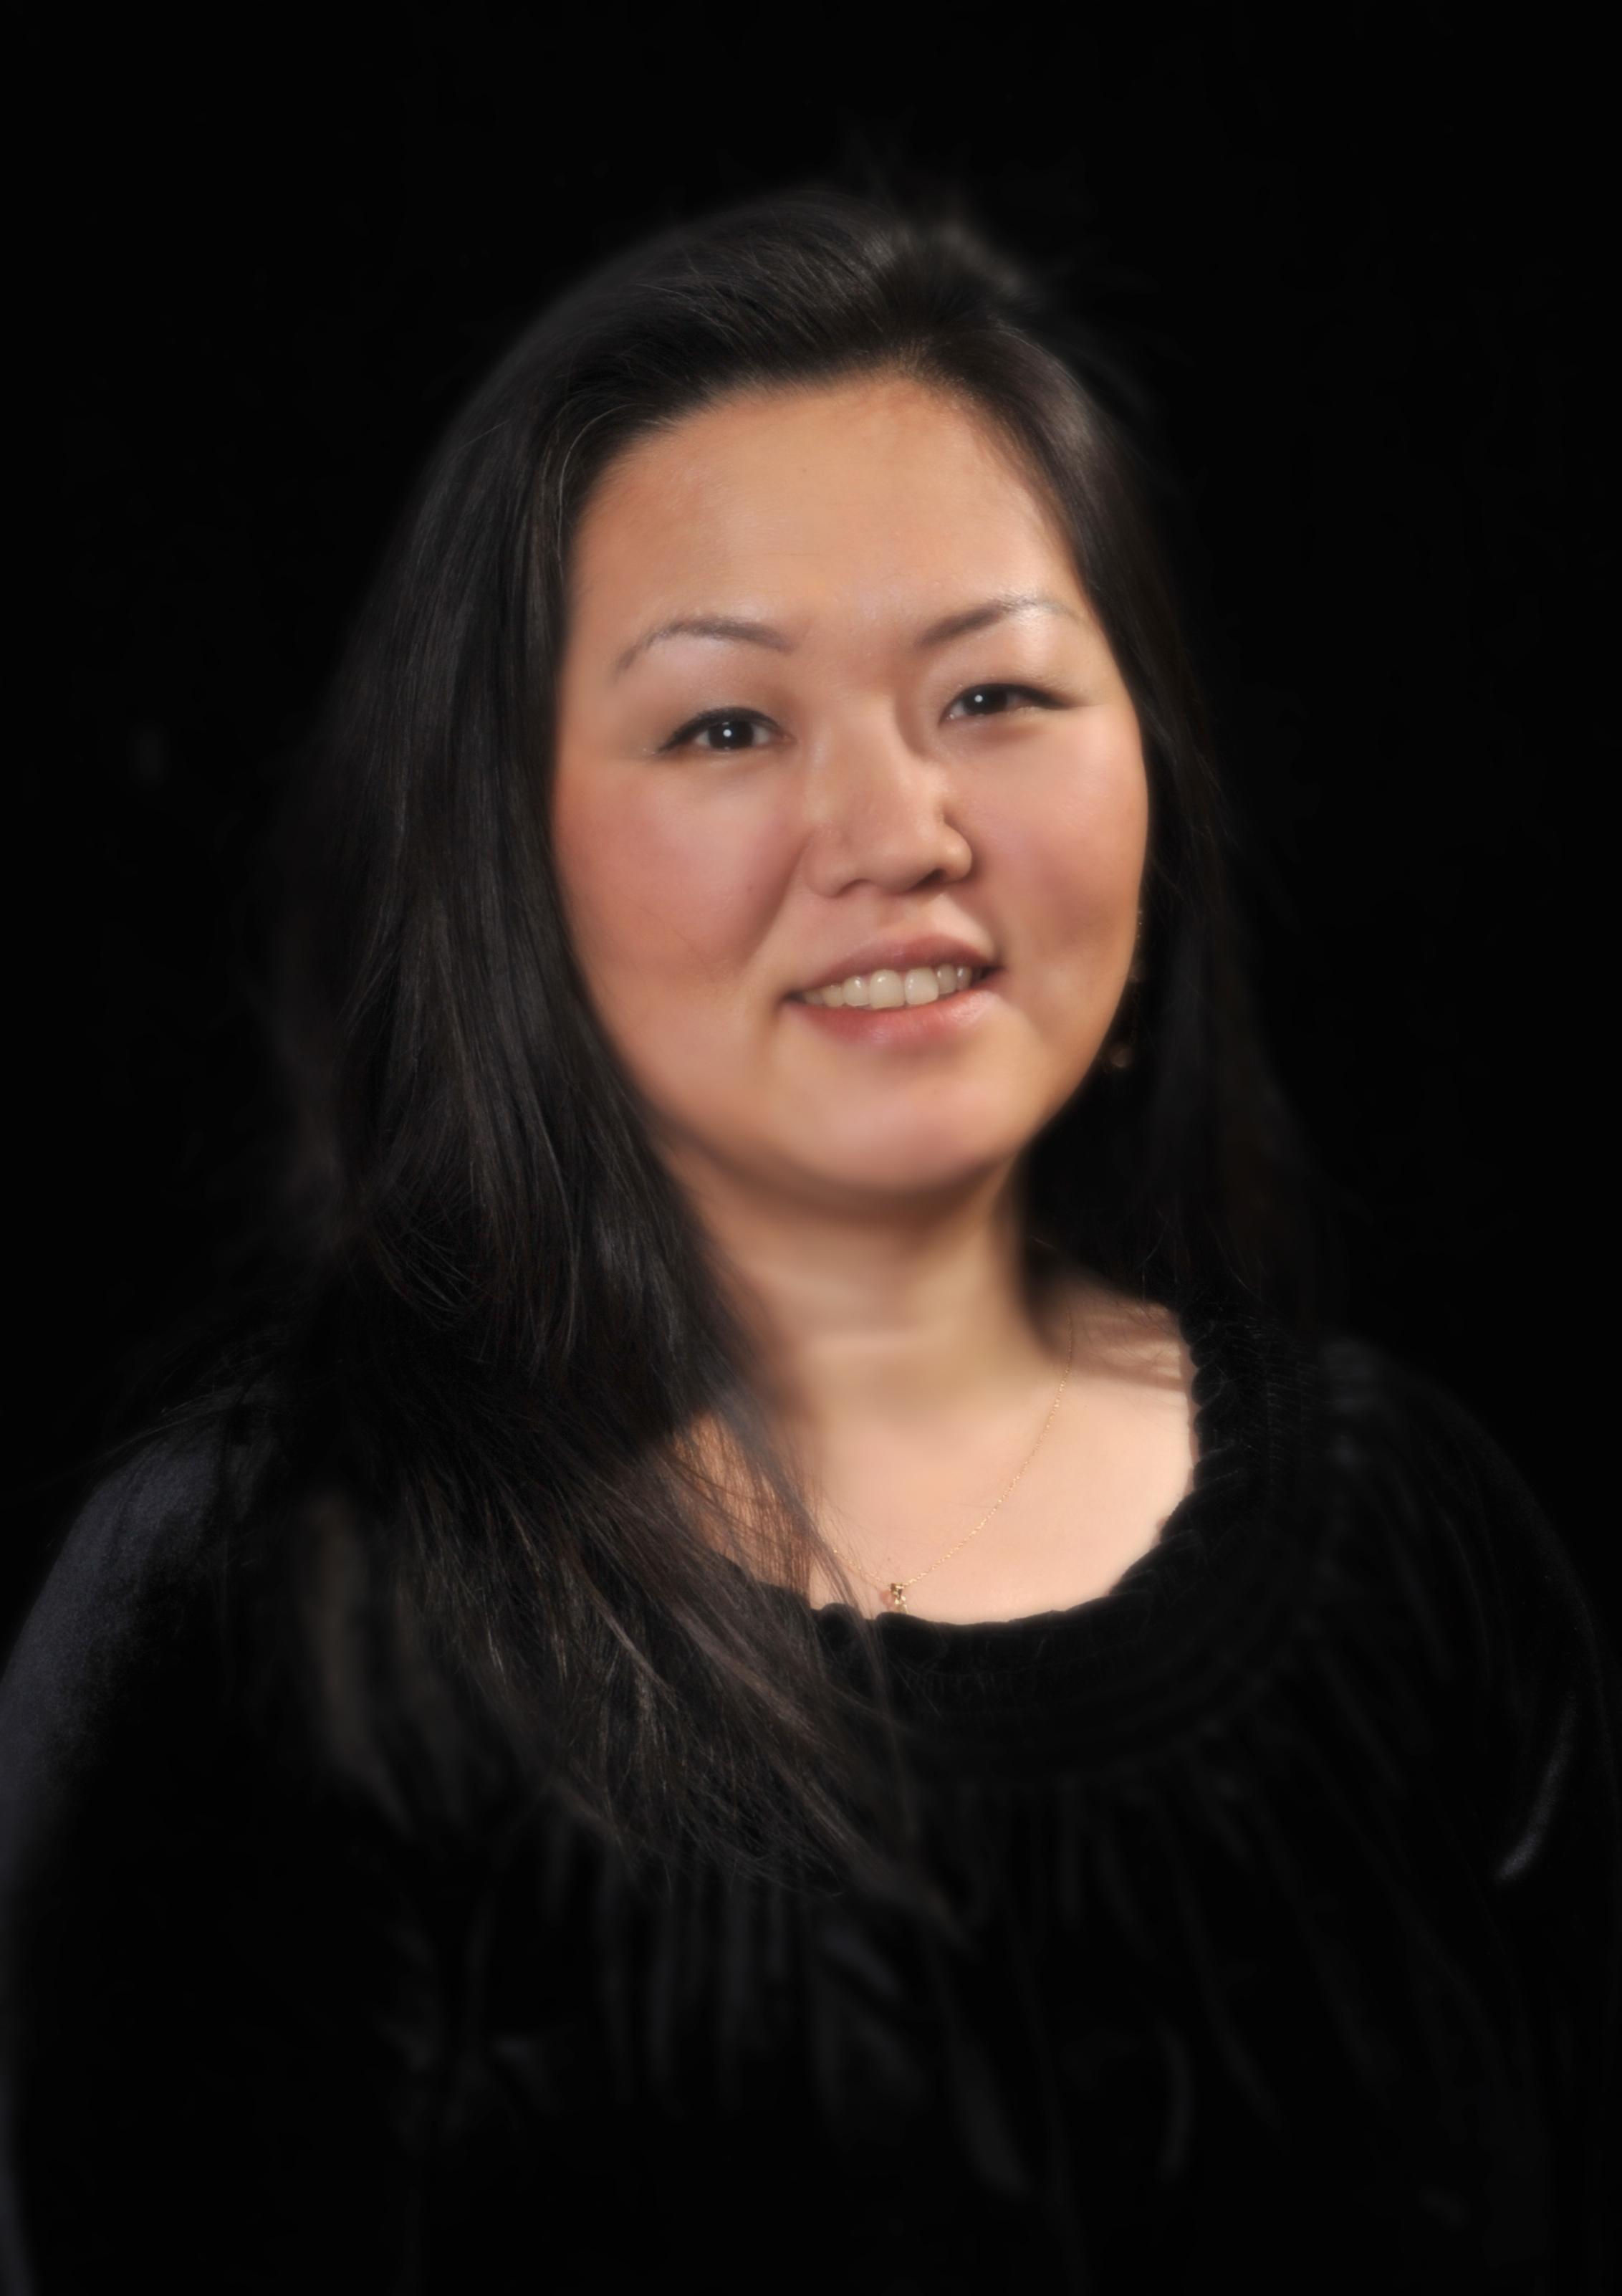 Misook Yun